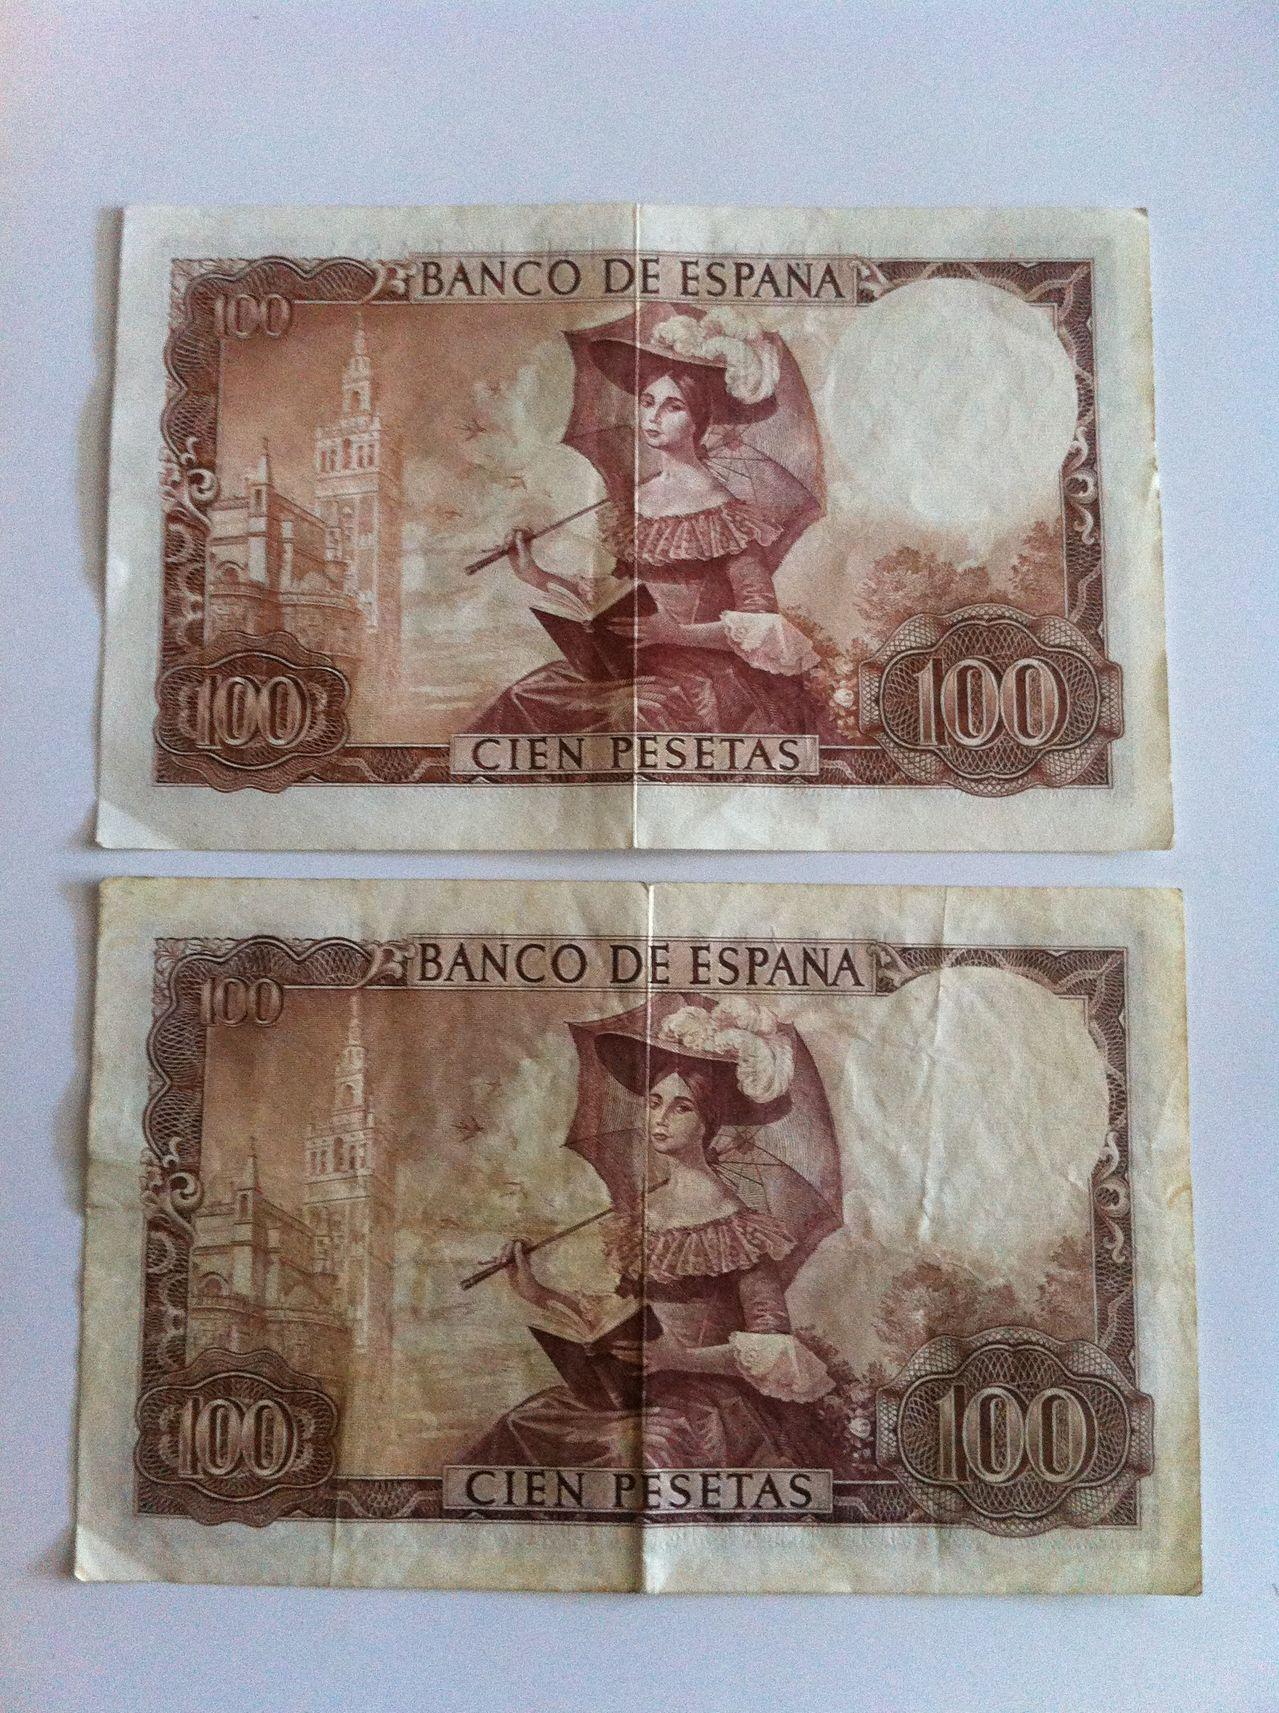 Ayuda para valorar coleccion de billetes IMG_5003